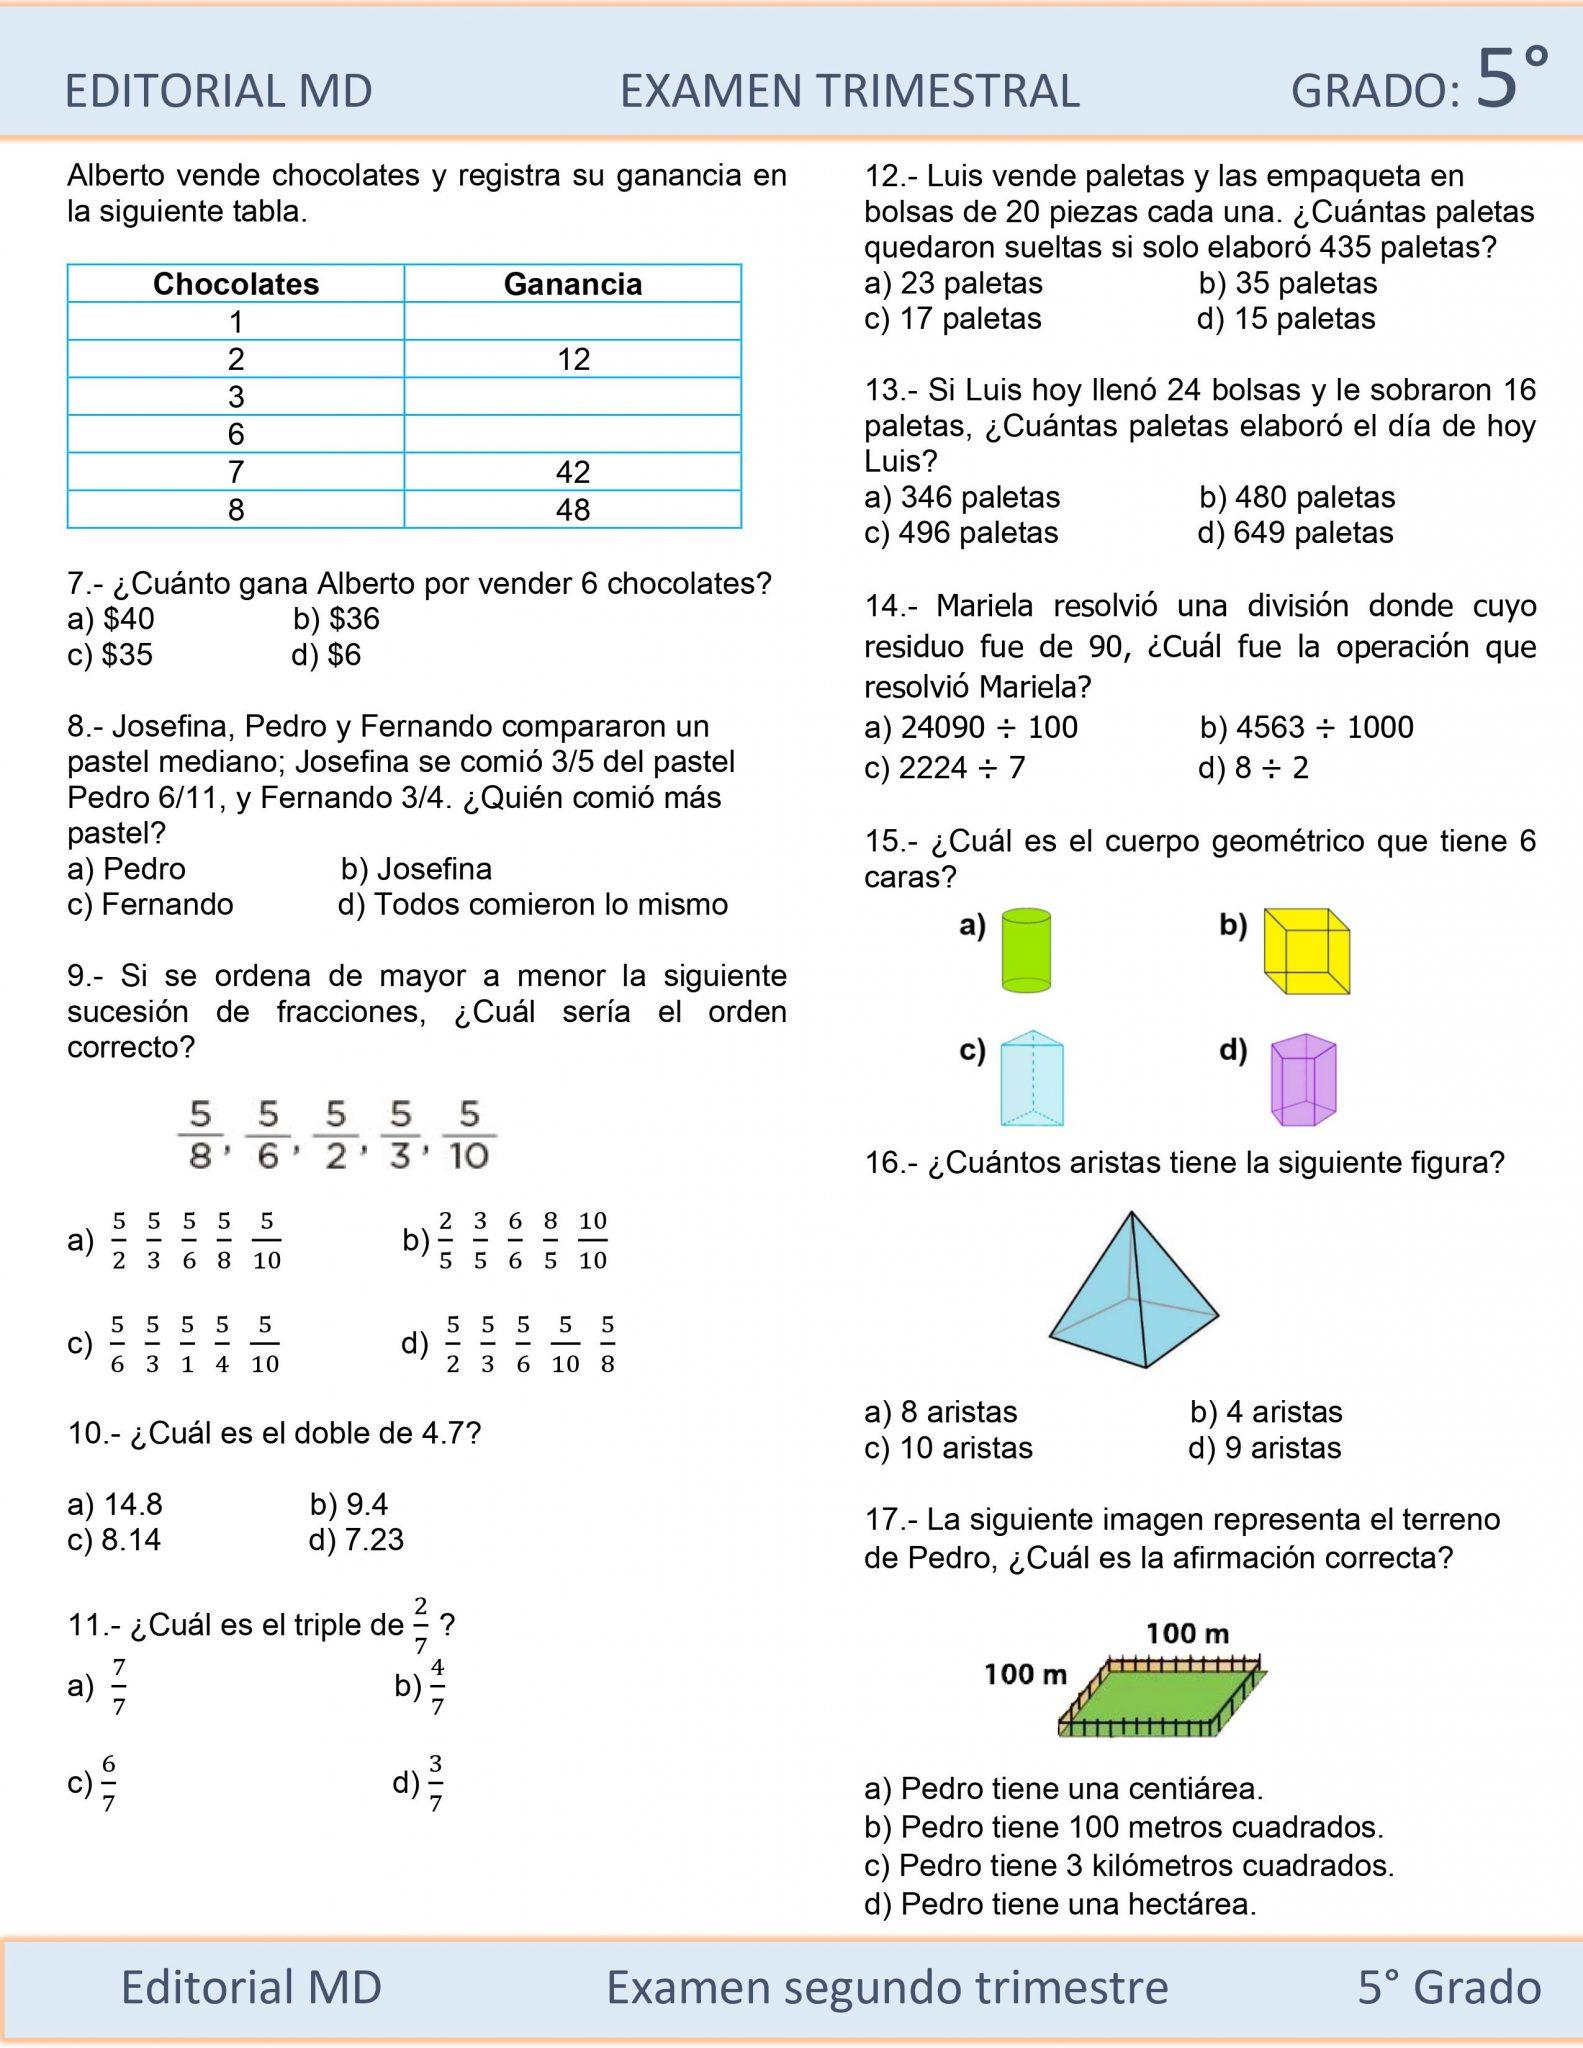 Ejemplo Examen de Quinto Grado 03